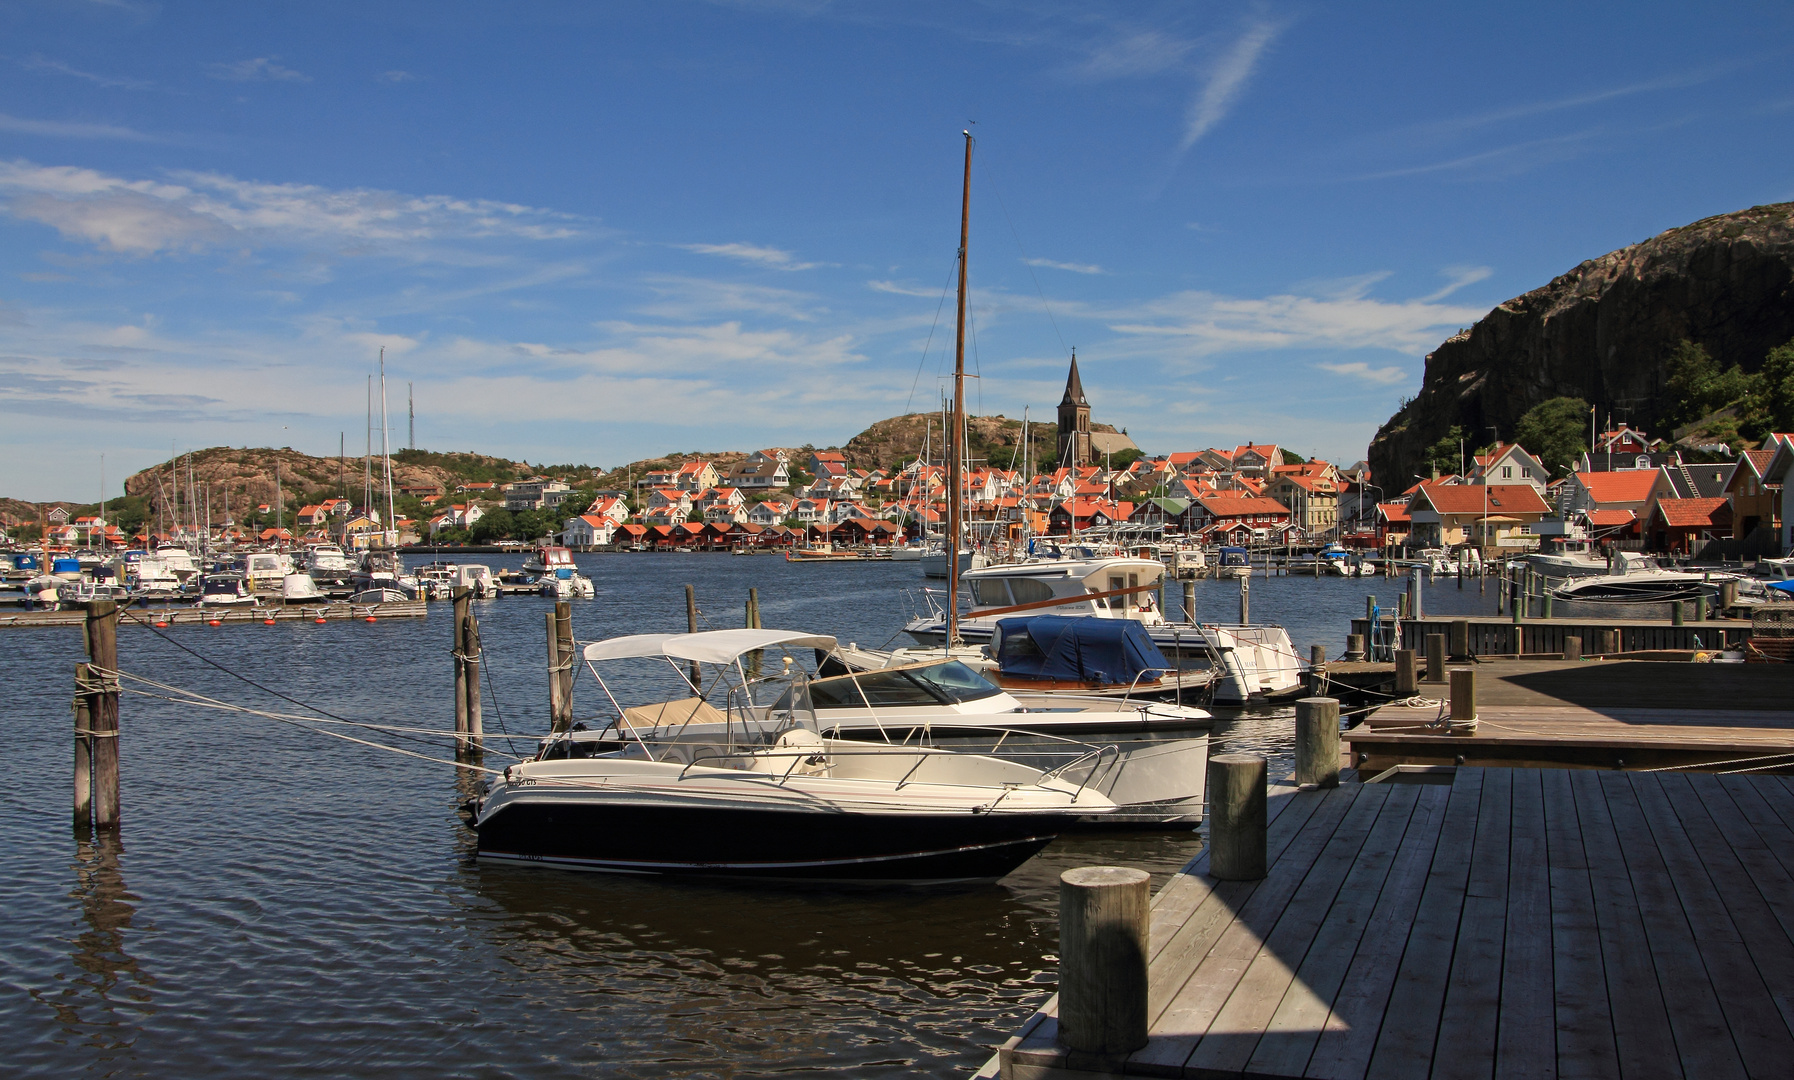 Hafenstädtchen am Skagerrak